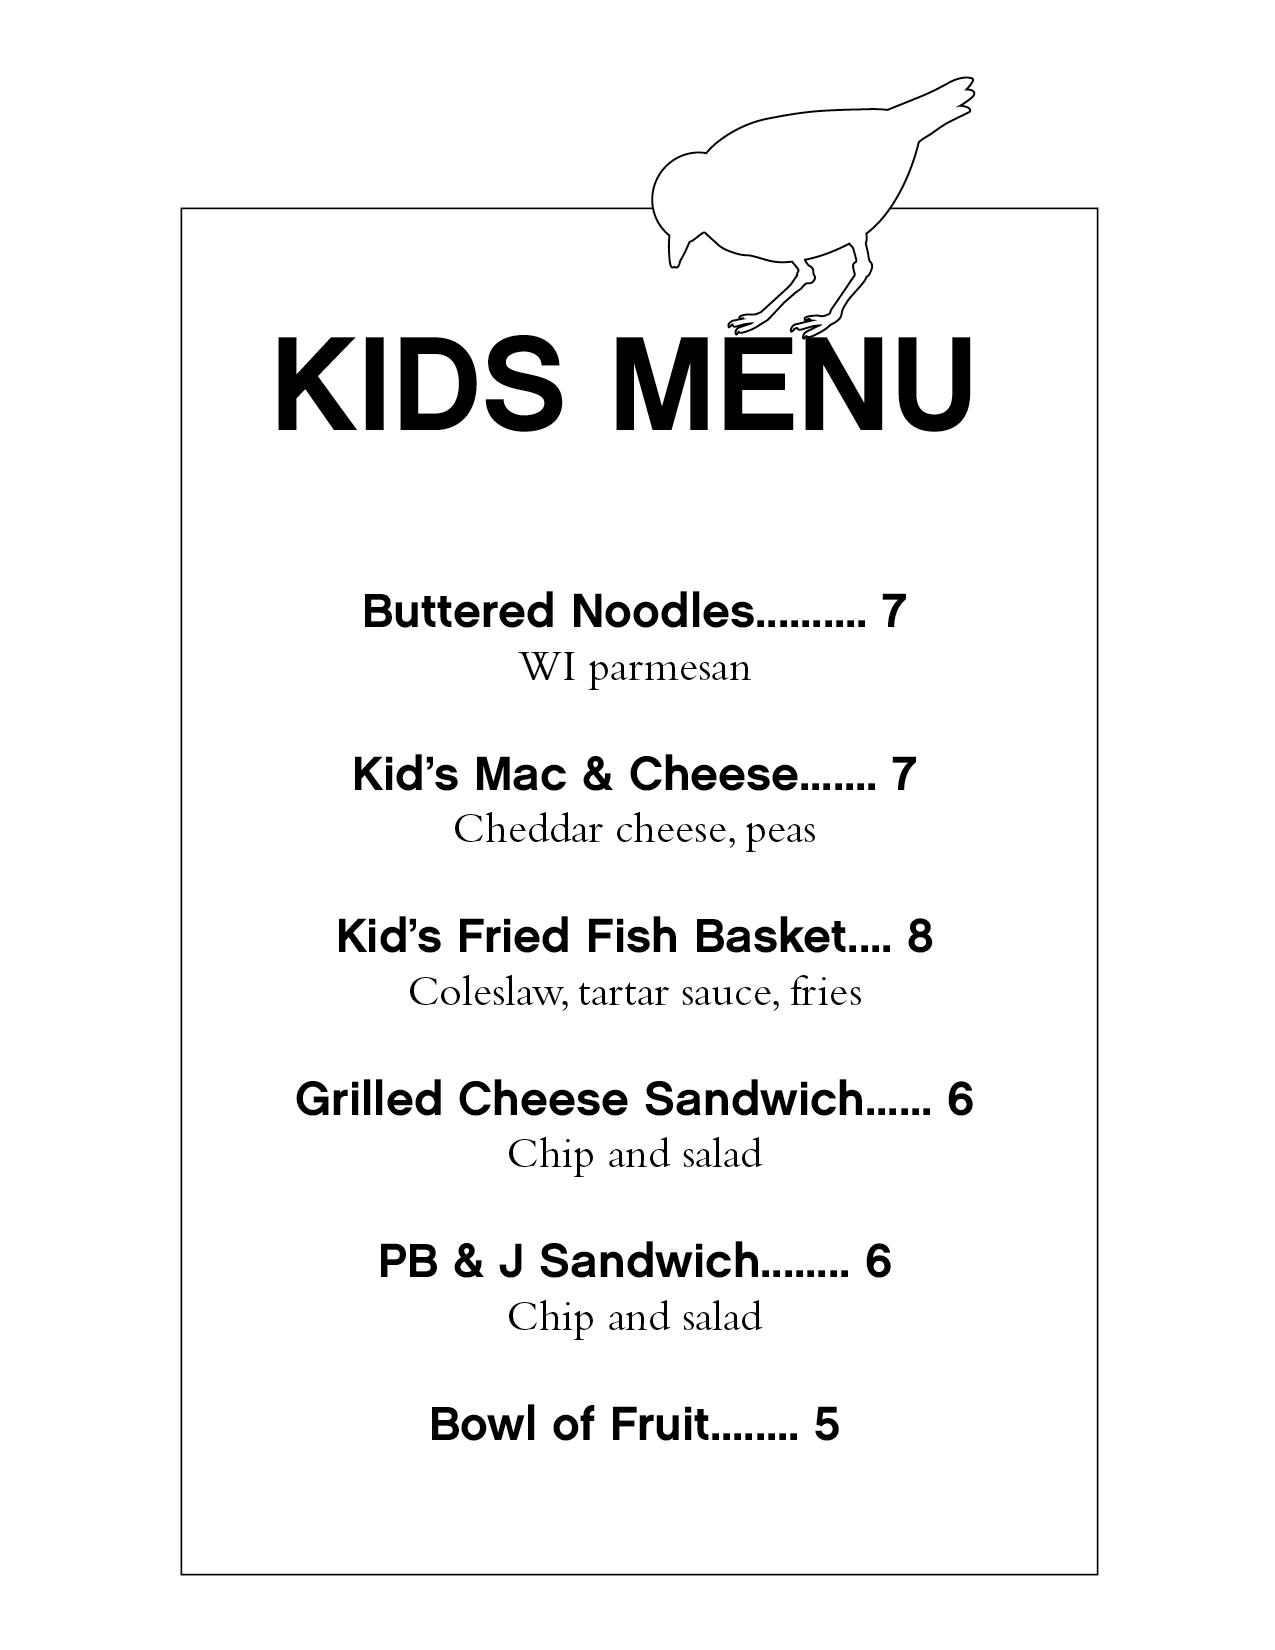 RS Kids Menu.jpg